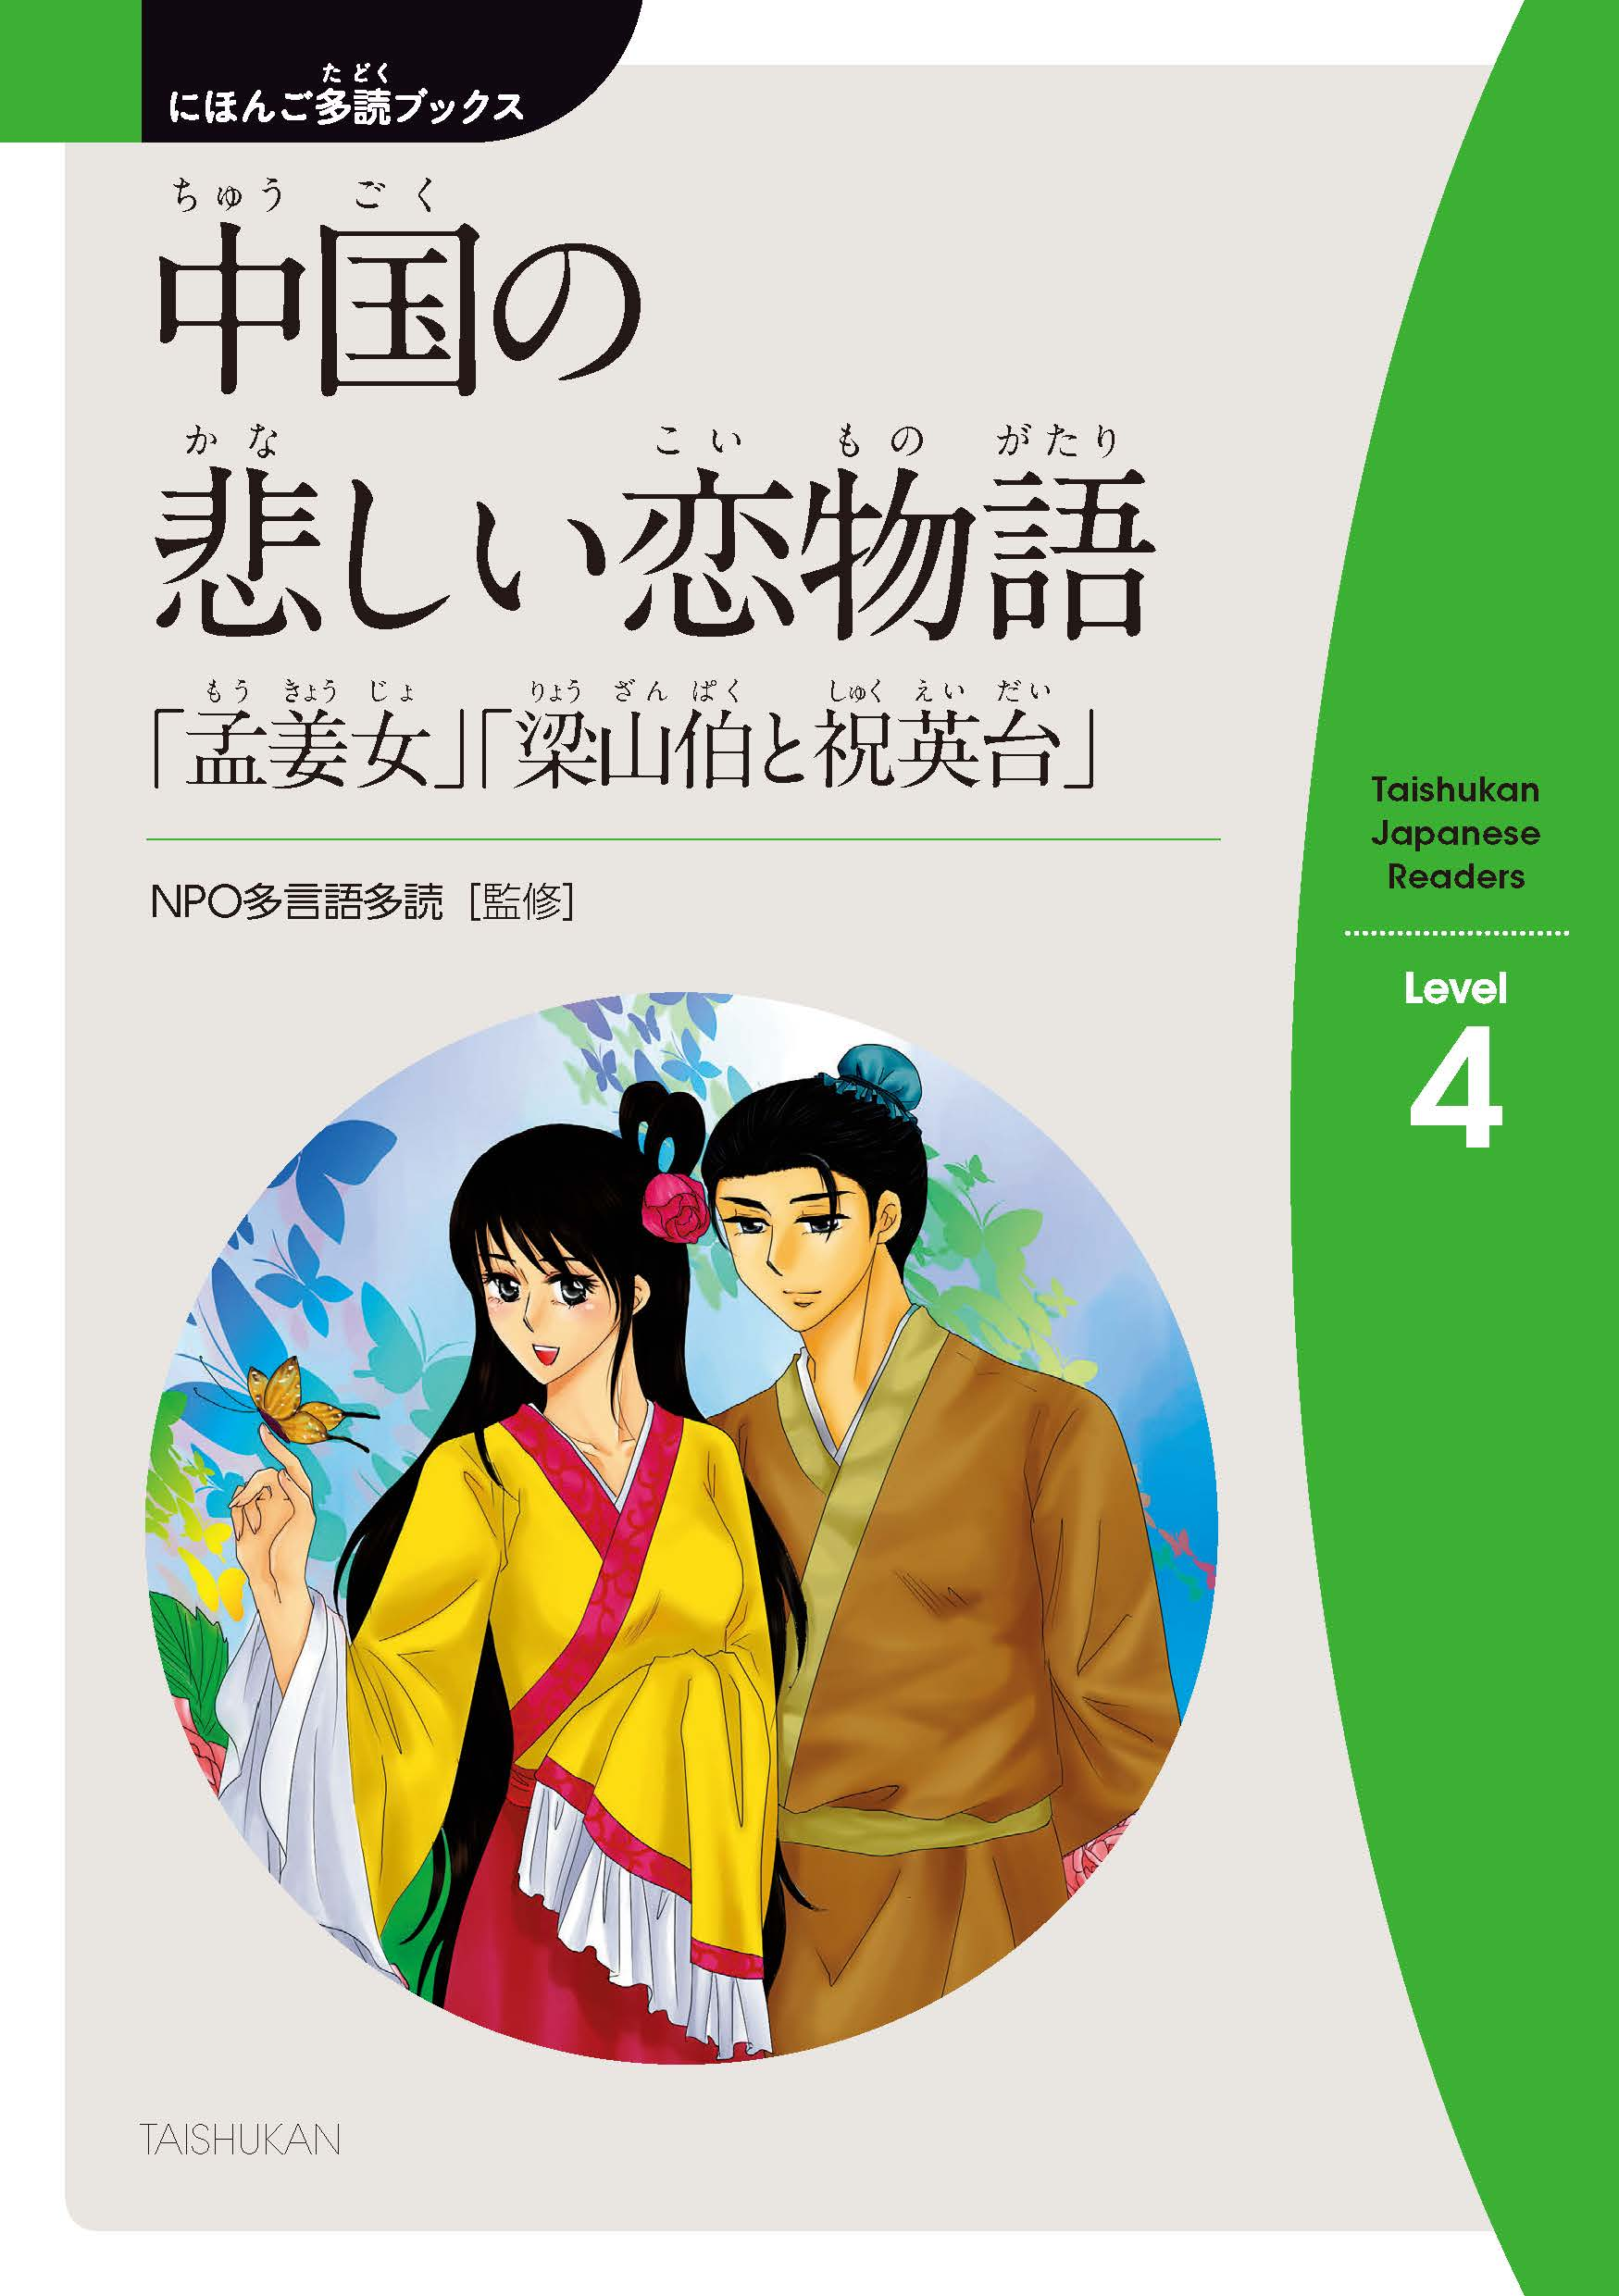 vol.5-2 中国(ちゅうごく)の悲(かな)しい恋物語(こいものがたり)~孟姜女(もうきょうじょ)/梁山伯(りょうざんぱく)と祝英台(しゅくえいだい) Unhappy Endings of Love 「Mo Kyojo」「Ryozanpaku to Shukueidai」